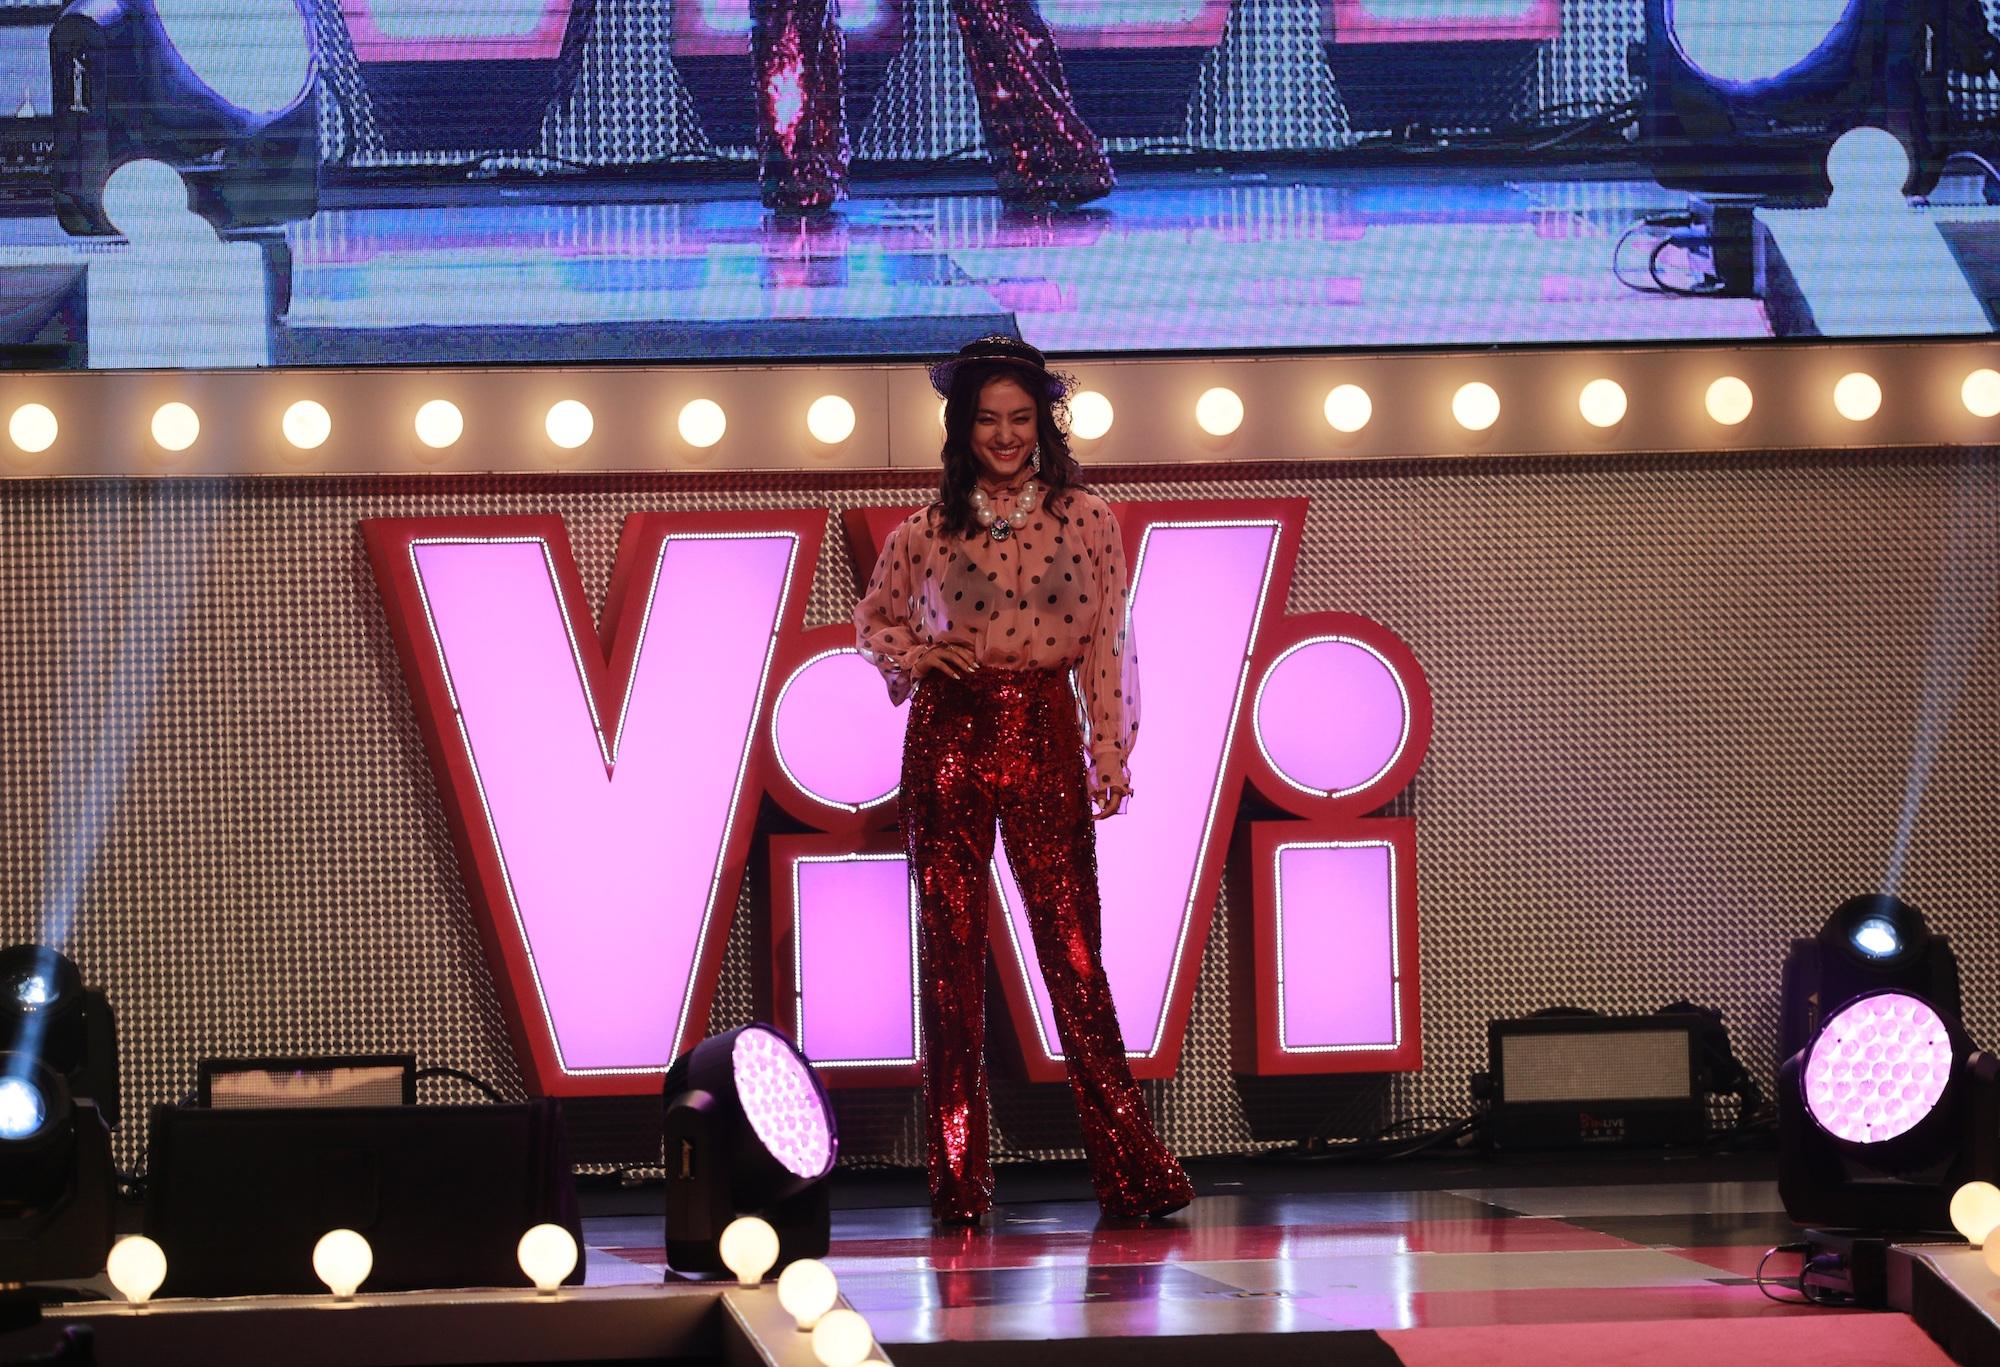 谷まりあ(ViViモデル)/ViViNight in Taipei(11月16日(土)、 台湾の新光三越Legacy MAXにて。